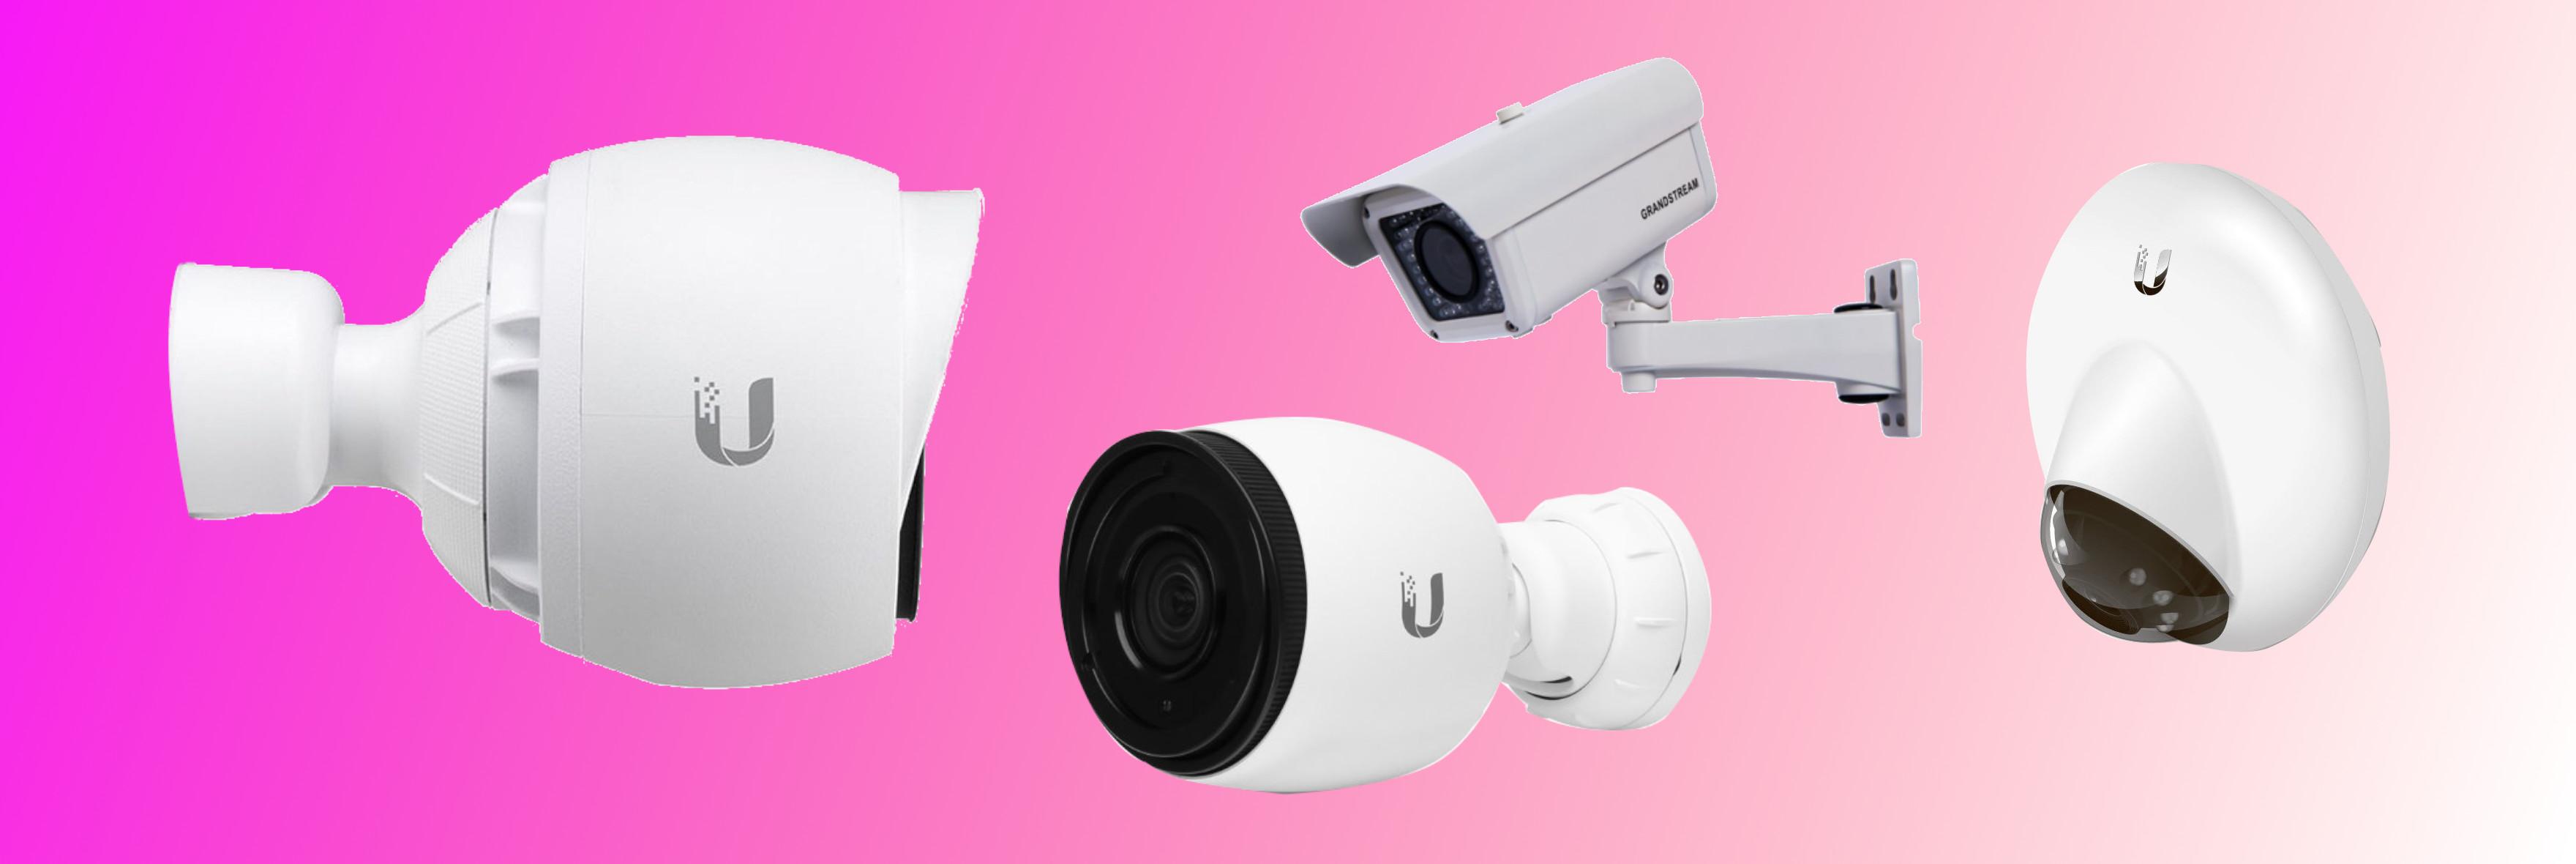 IP Surveillance Cameras: Before You Buy